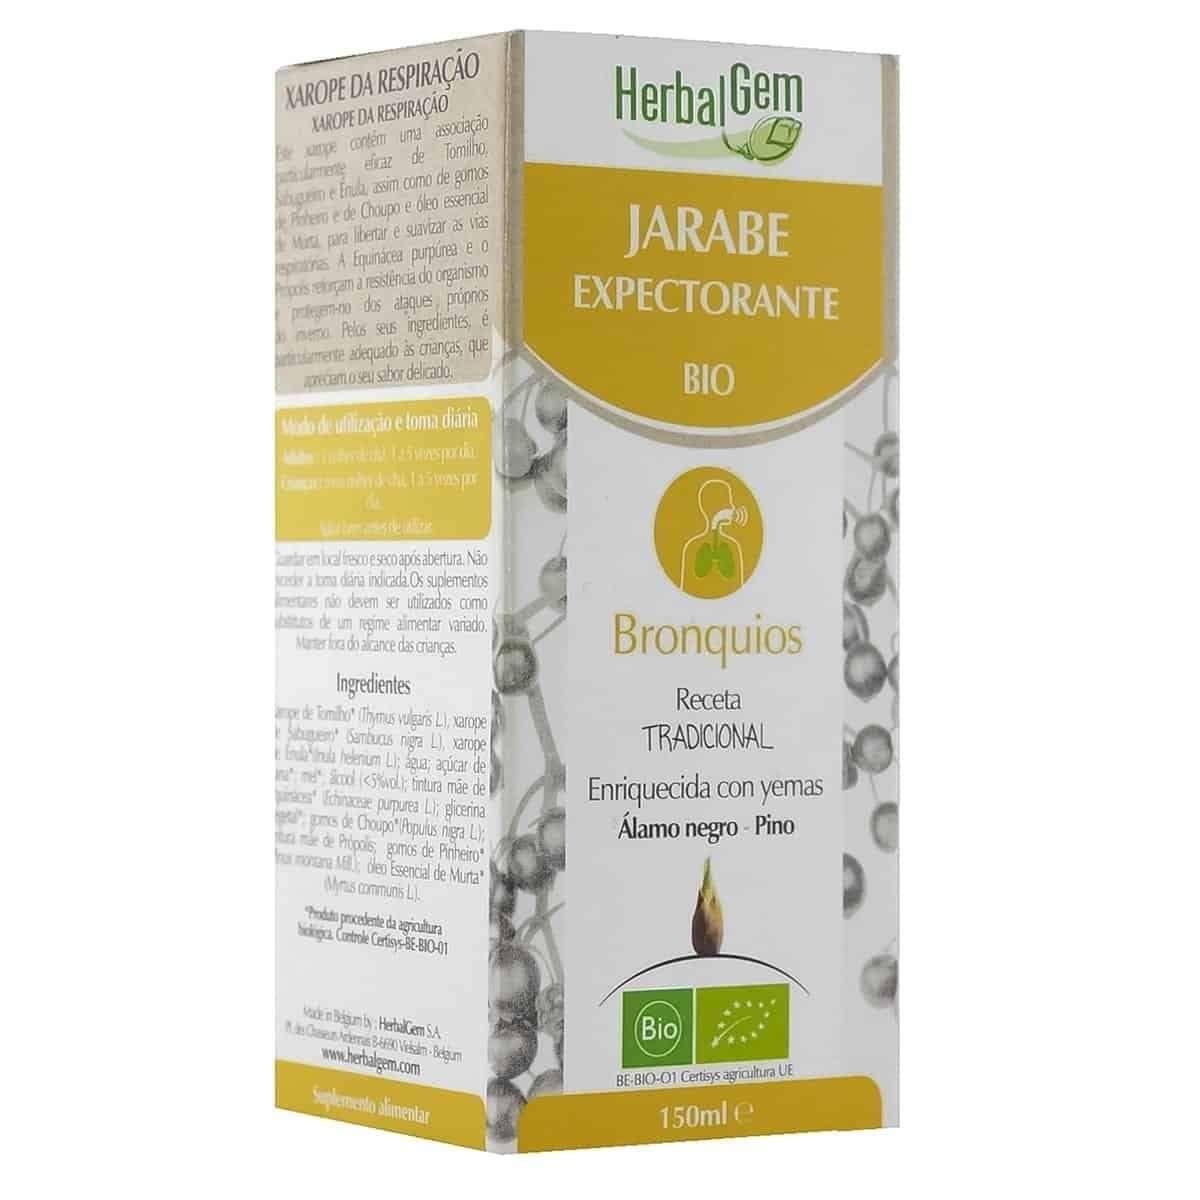 Jarabe Expectorante Natural Herbalgem 150 ml